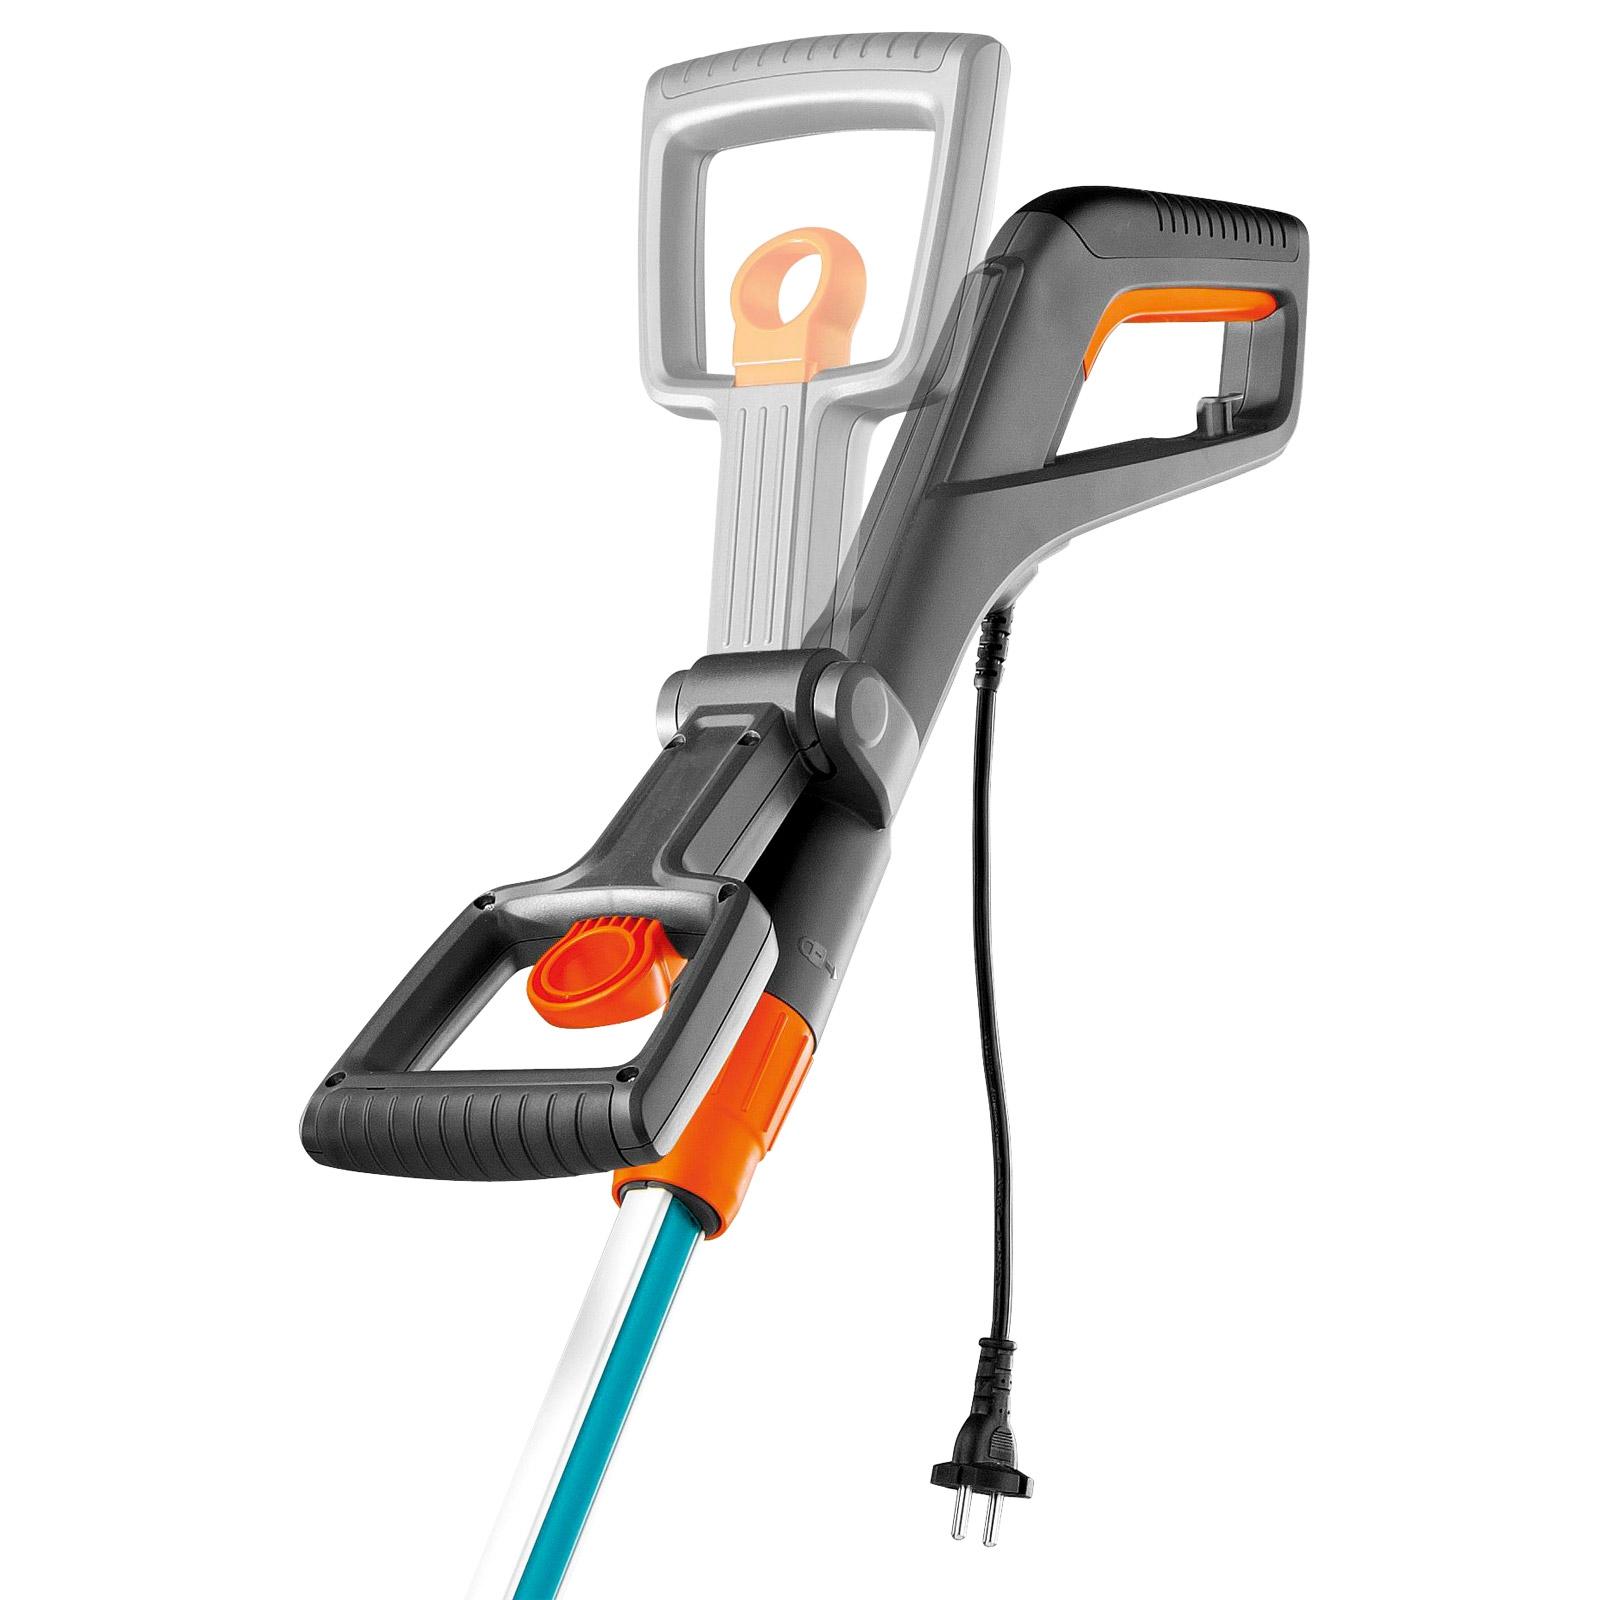 Gardena Elektro Trimmer Easycut 400/25, Rasentrimmer, Grastrimmer 20270